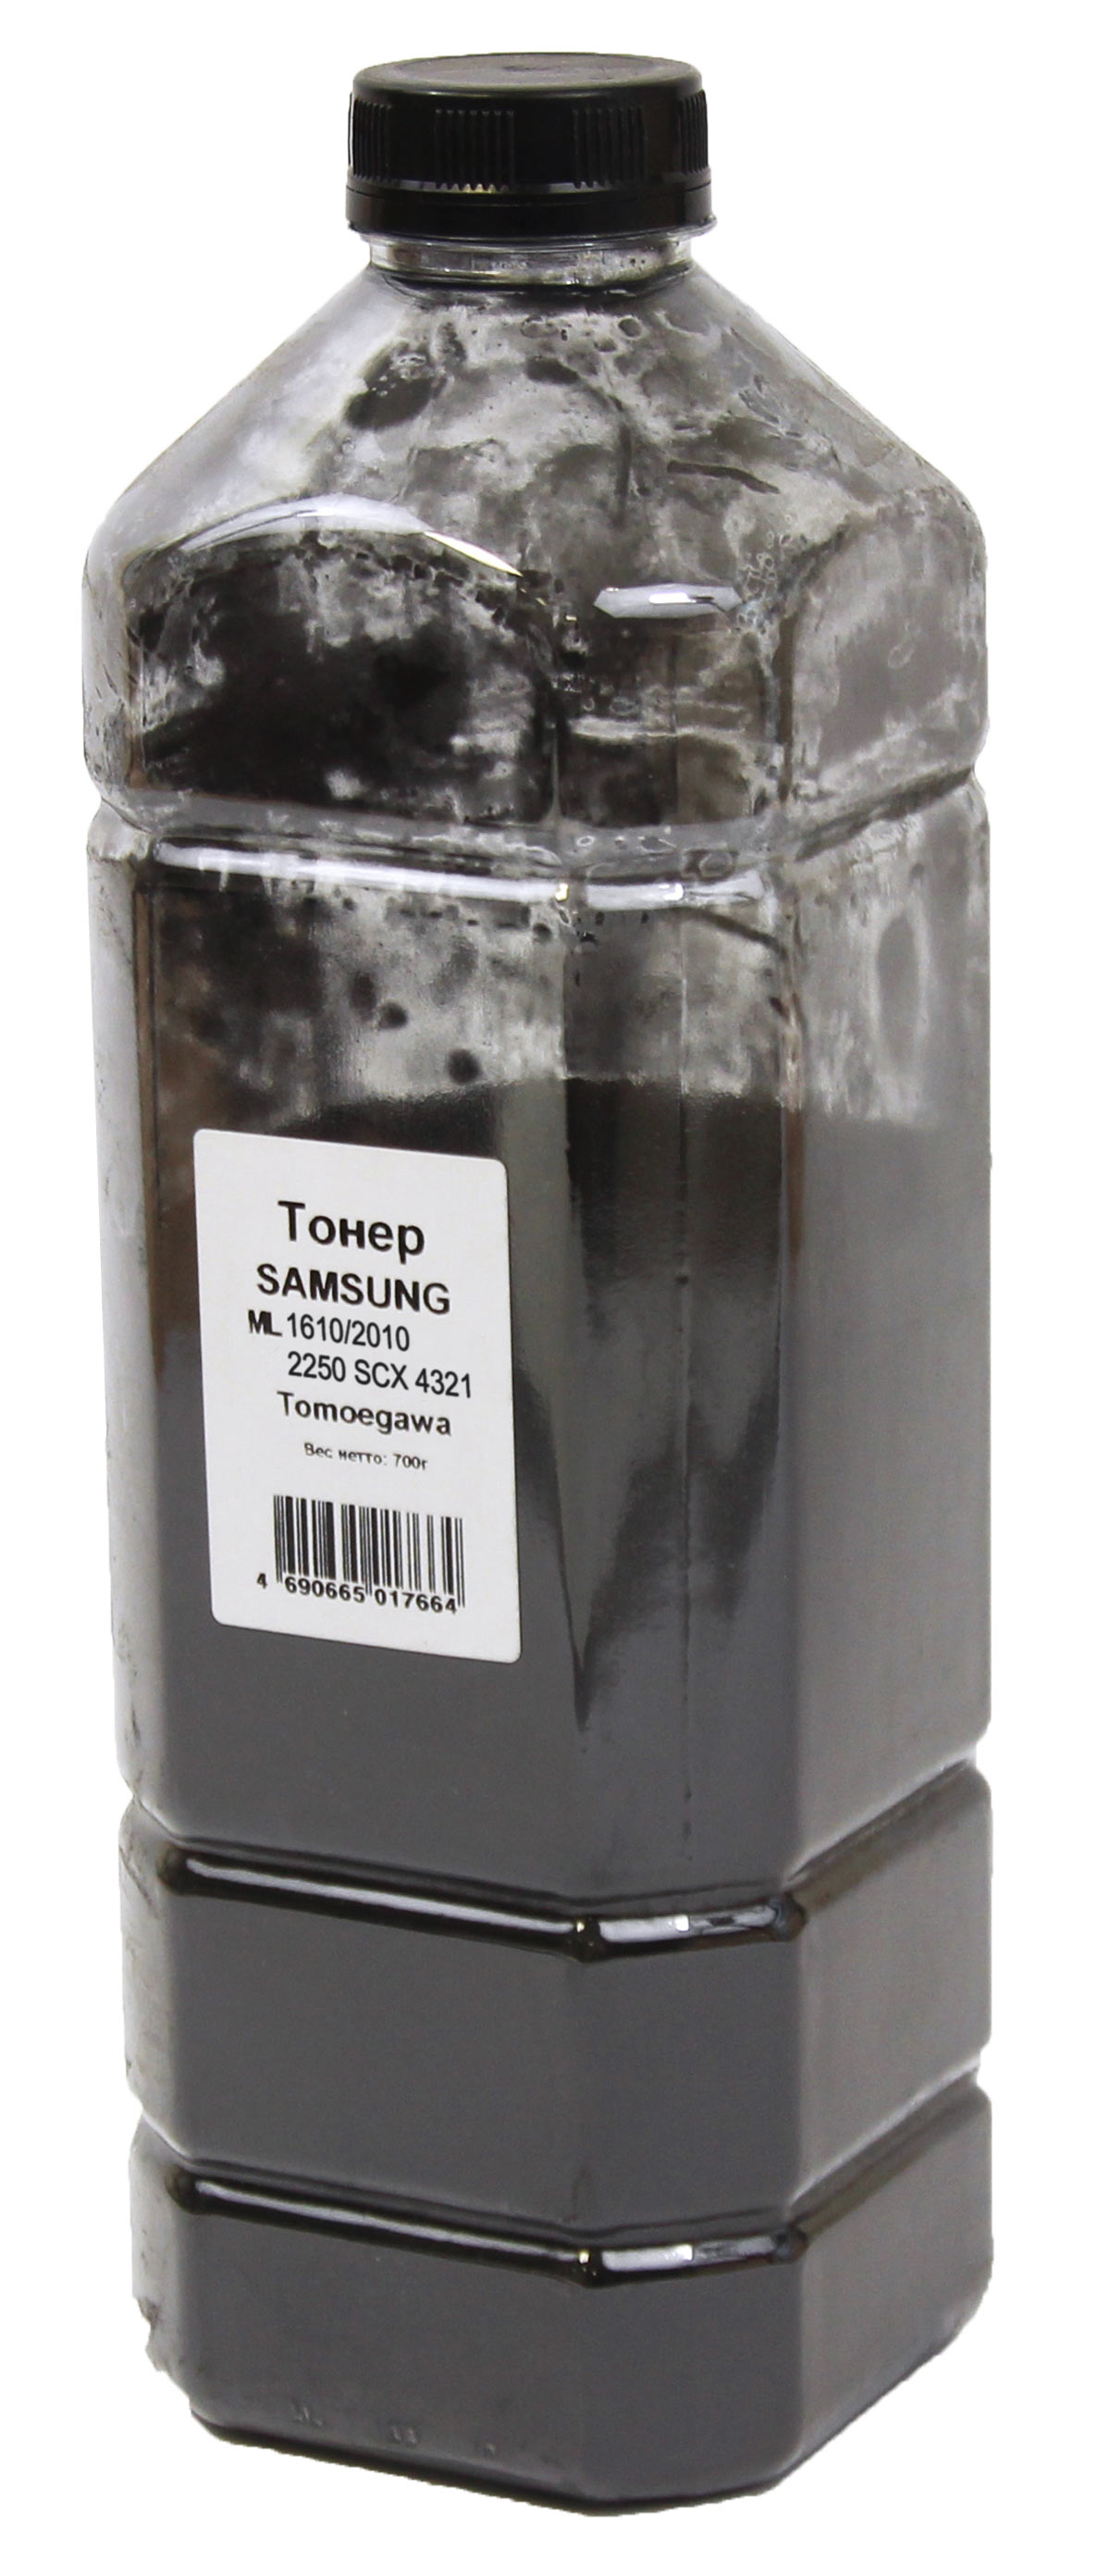 Тонер Tomoegawa для Samsung ML-1610/2010/2250/SCX-4321, Bk, 700 г, канистра